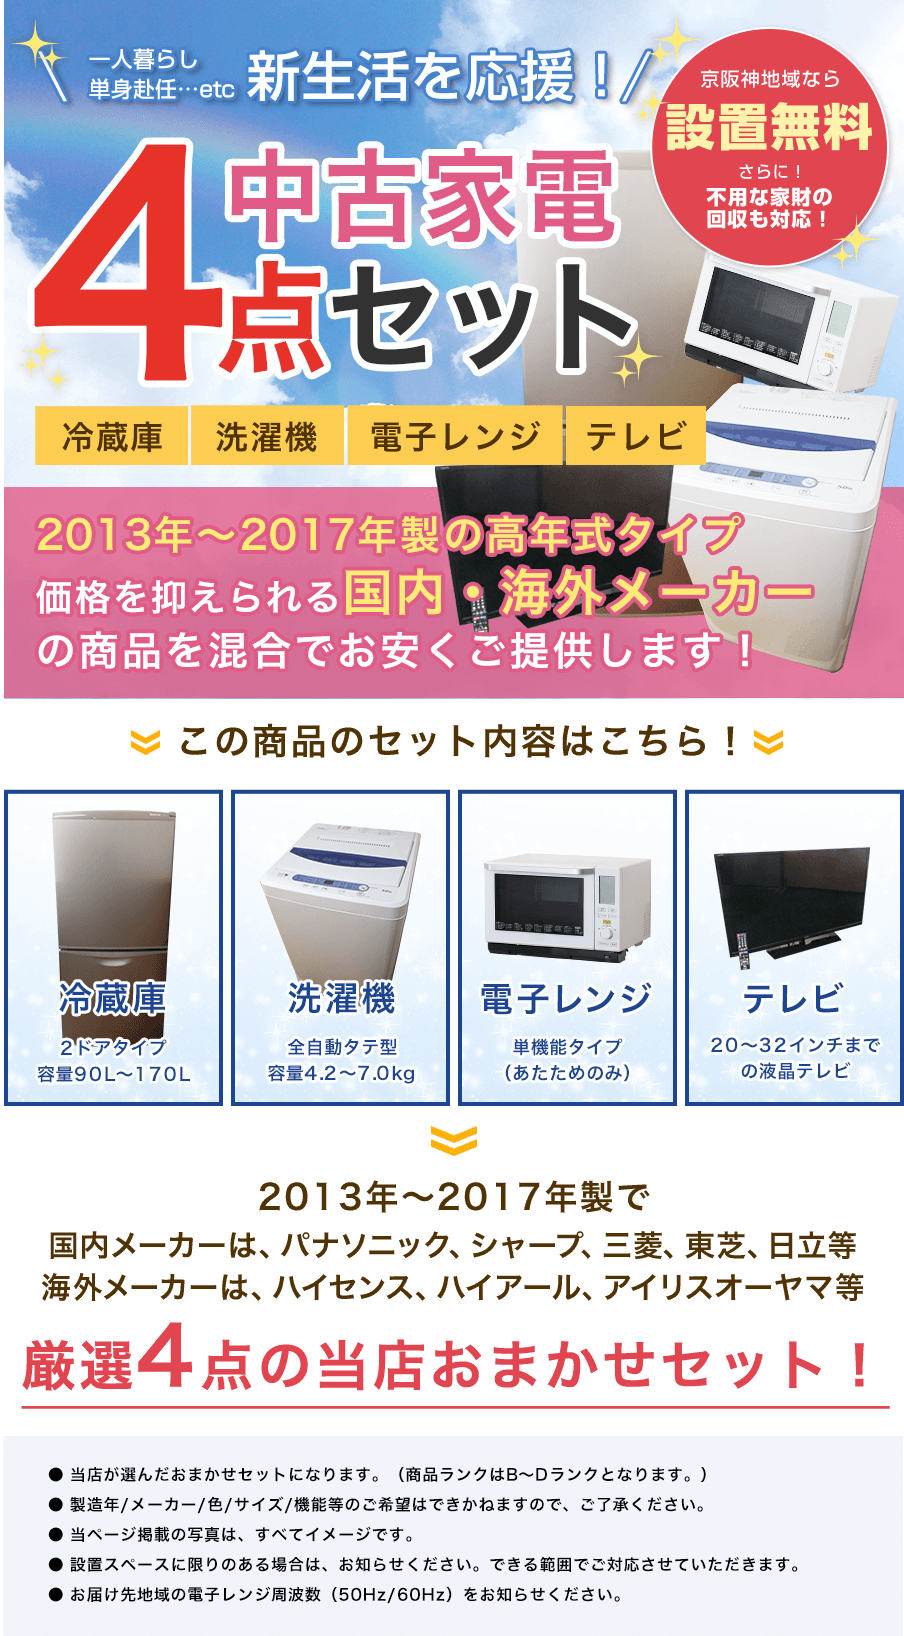 高年式家電4点セット(国産・海外メーカー混合)MV